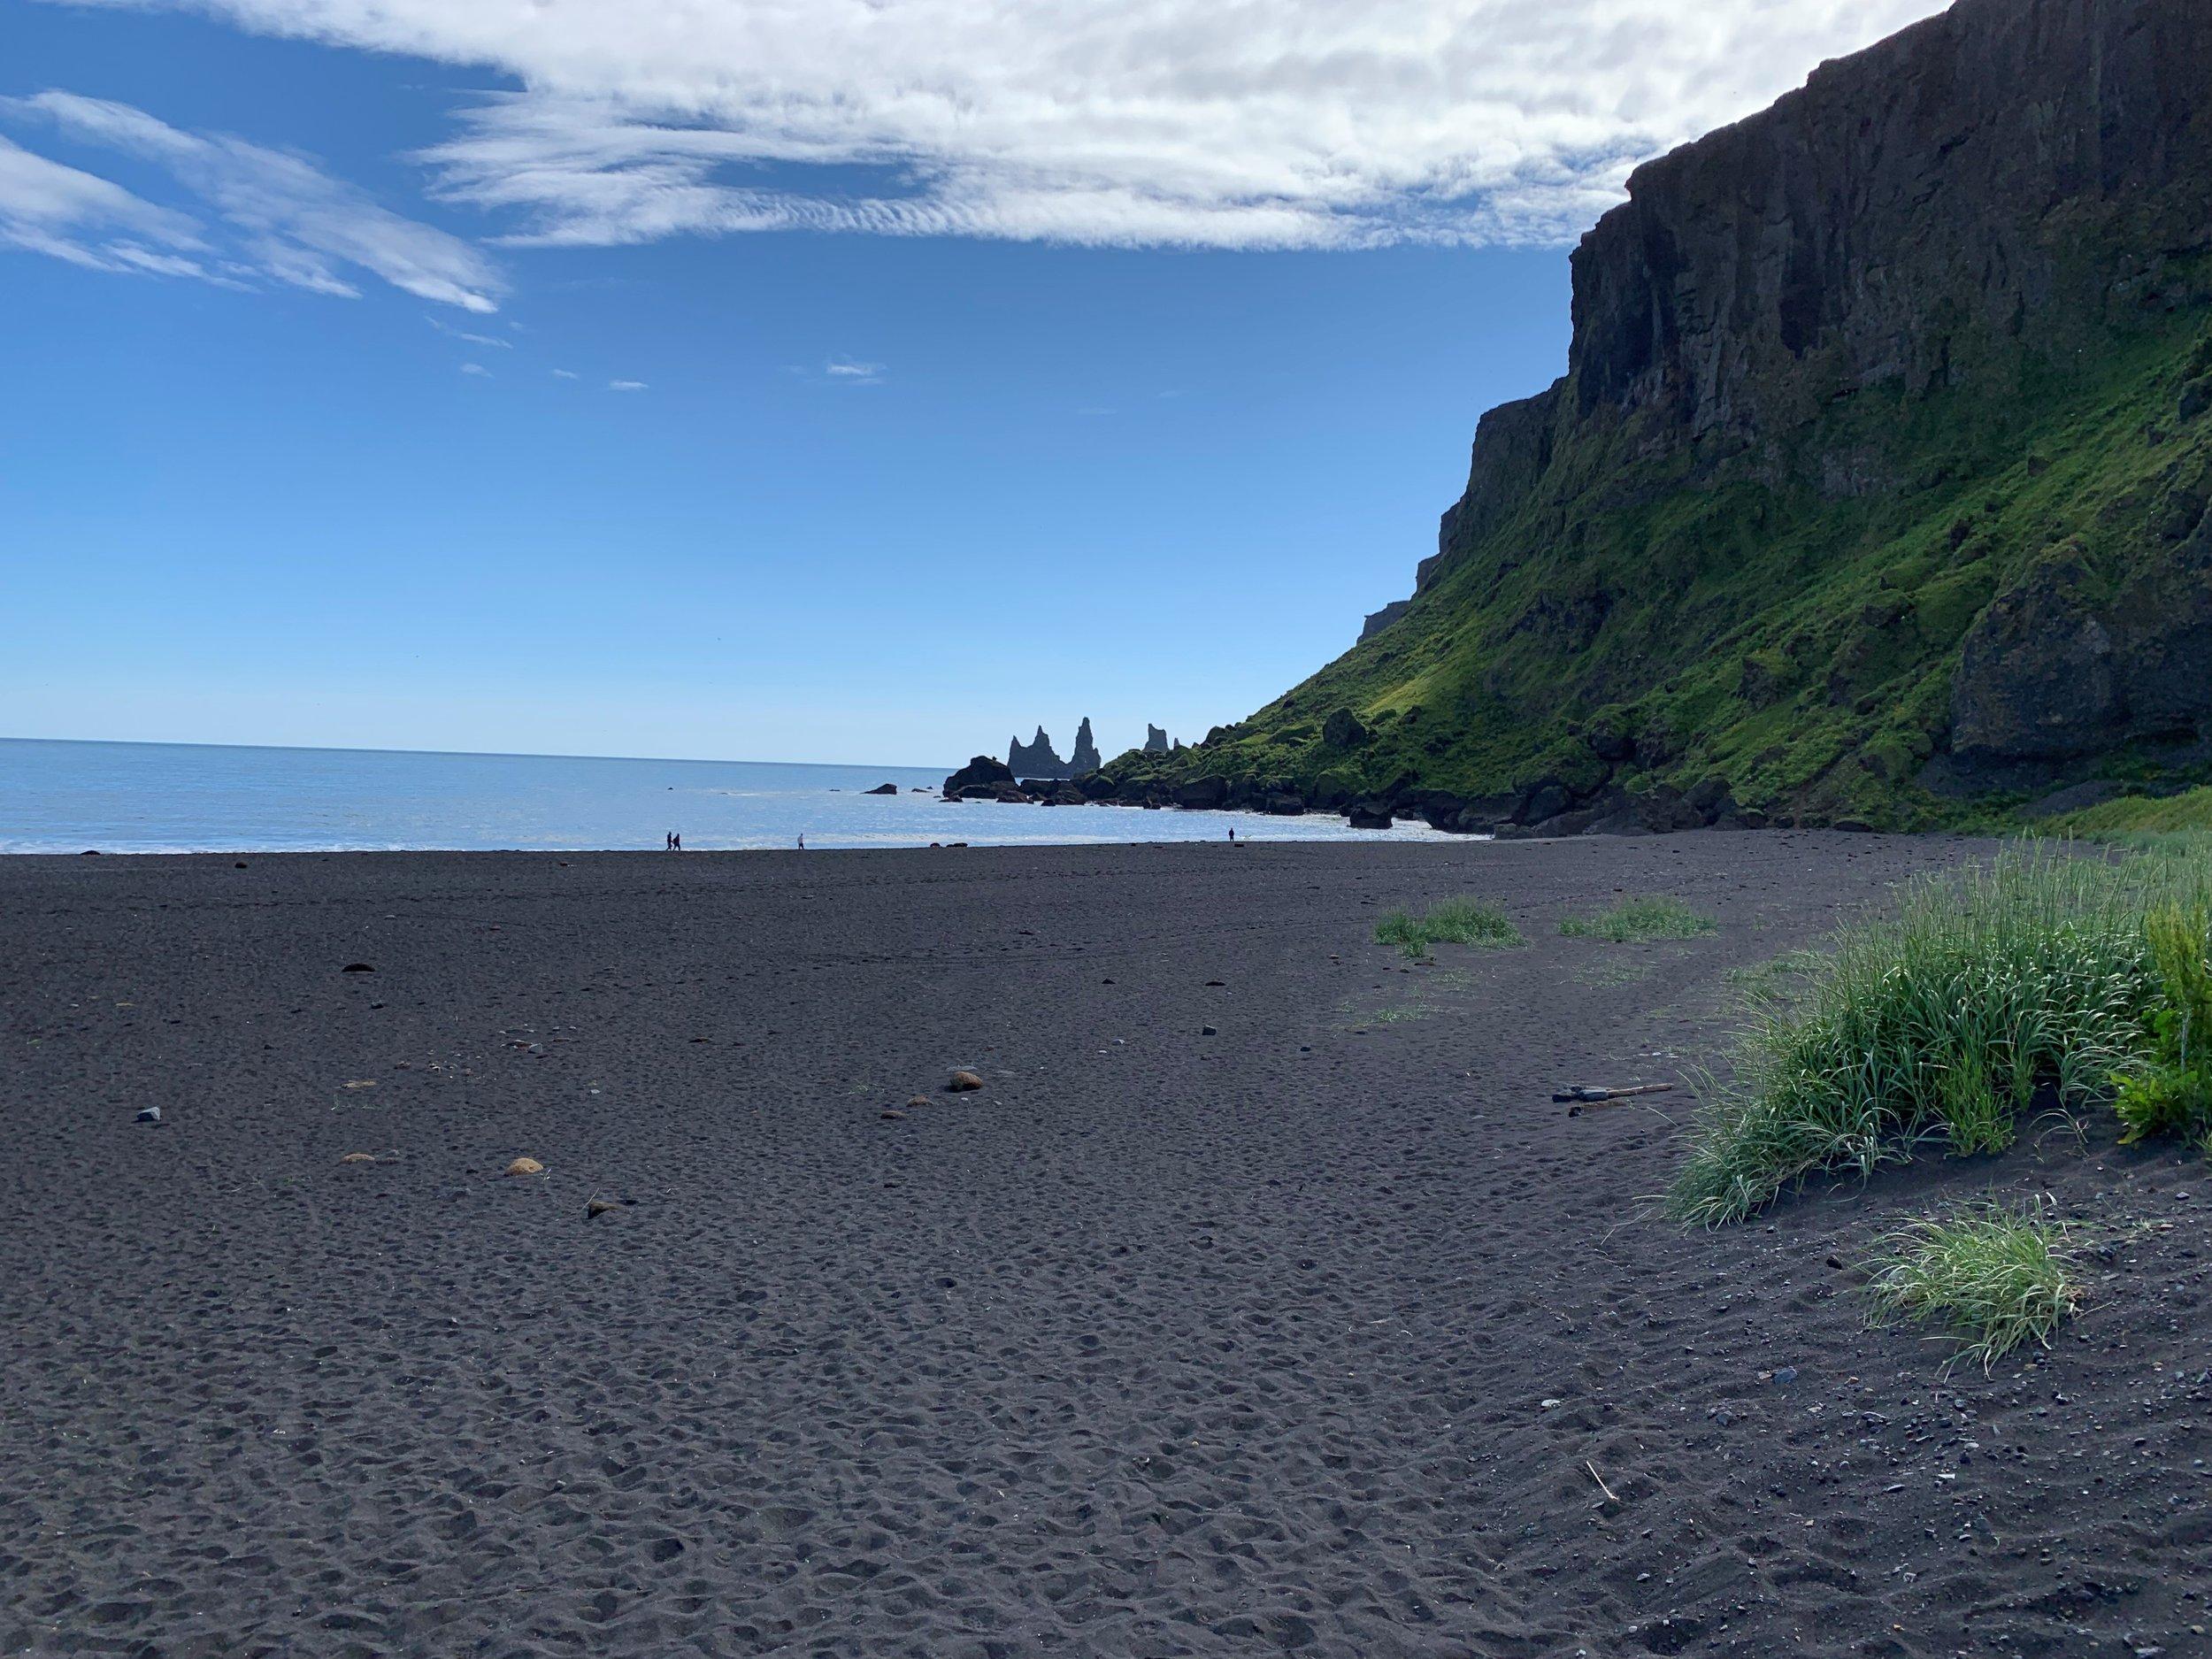 Purchase a sleep mask as black as this beach!